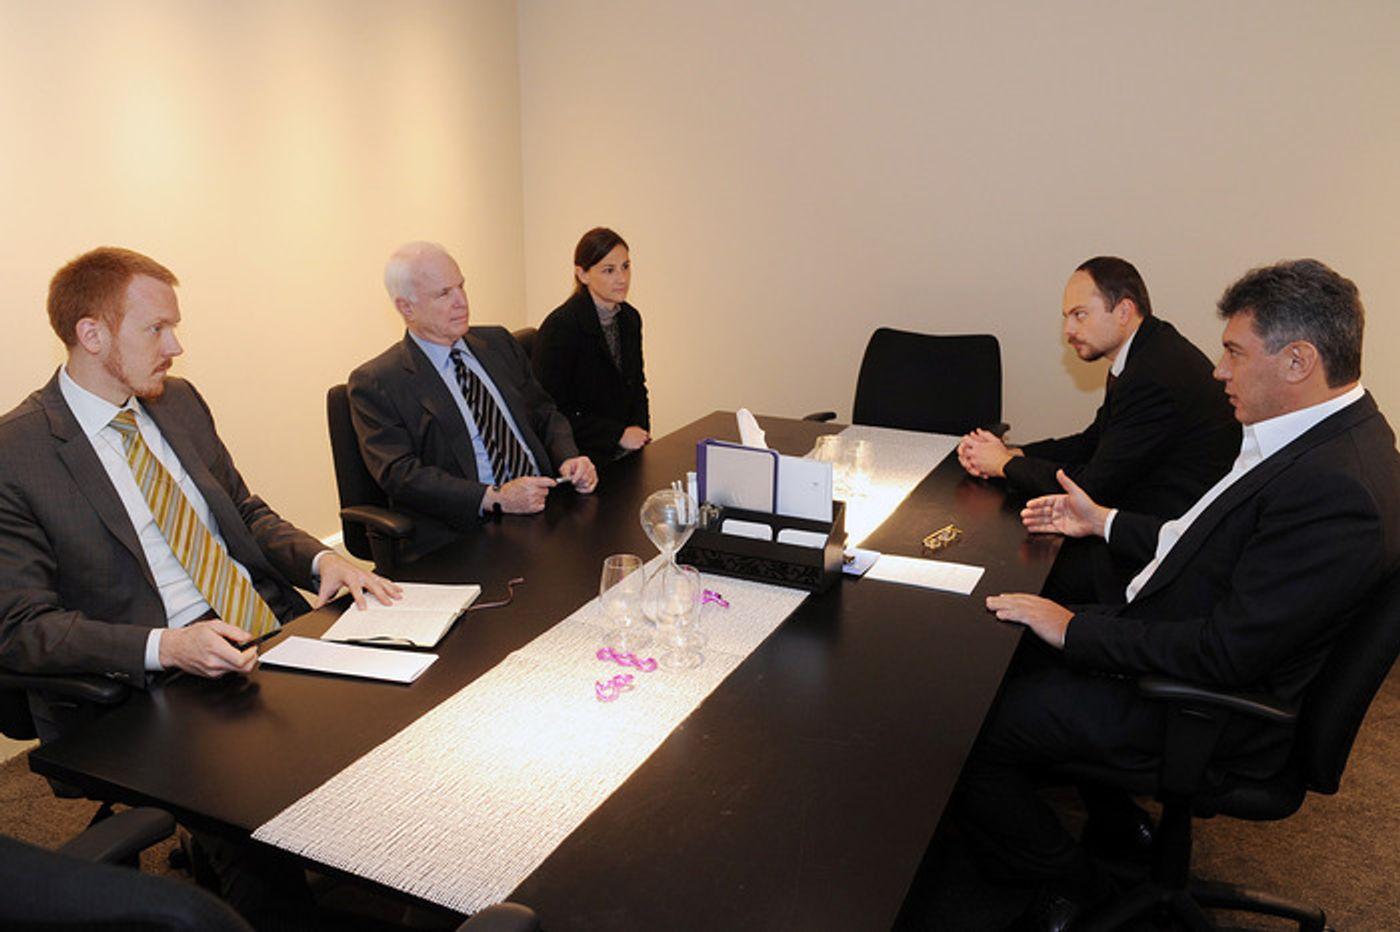 Первая встреча по «закону Магнитского»: 15 ноября 2010 года Борис Немцов, Владимир Кара-Мурза и американский сенатор Джон Маккейн в переговорной комнате вашингтонского W Hotel